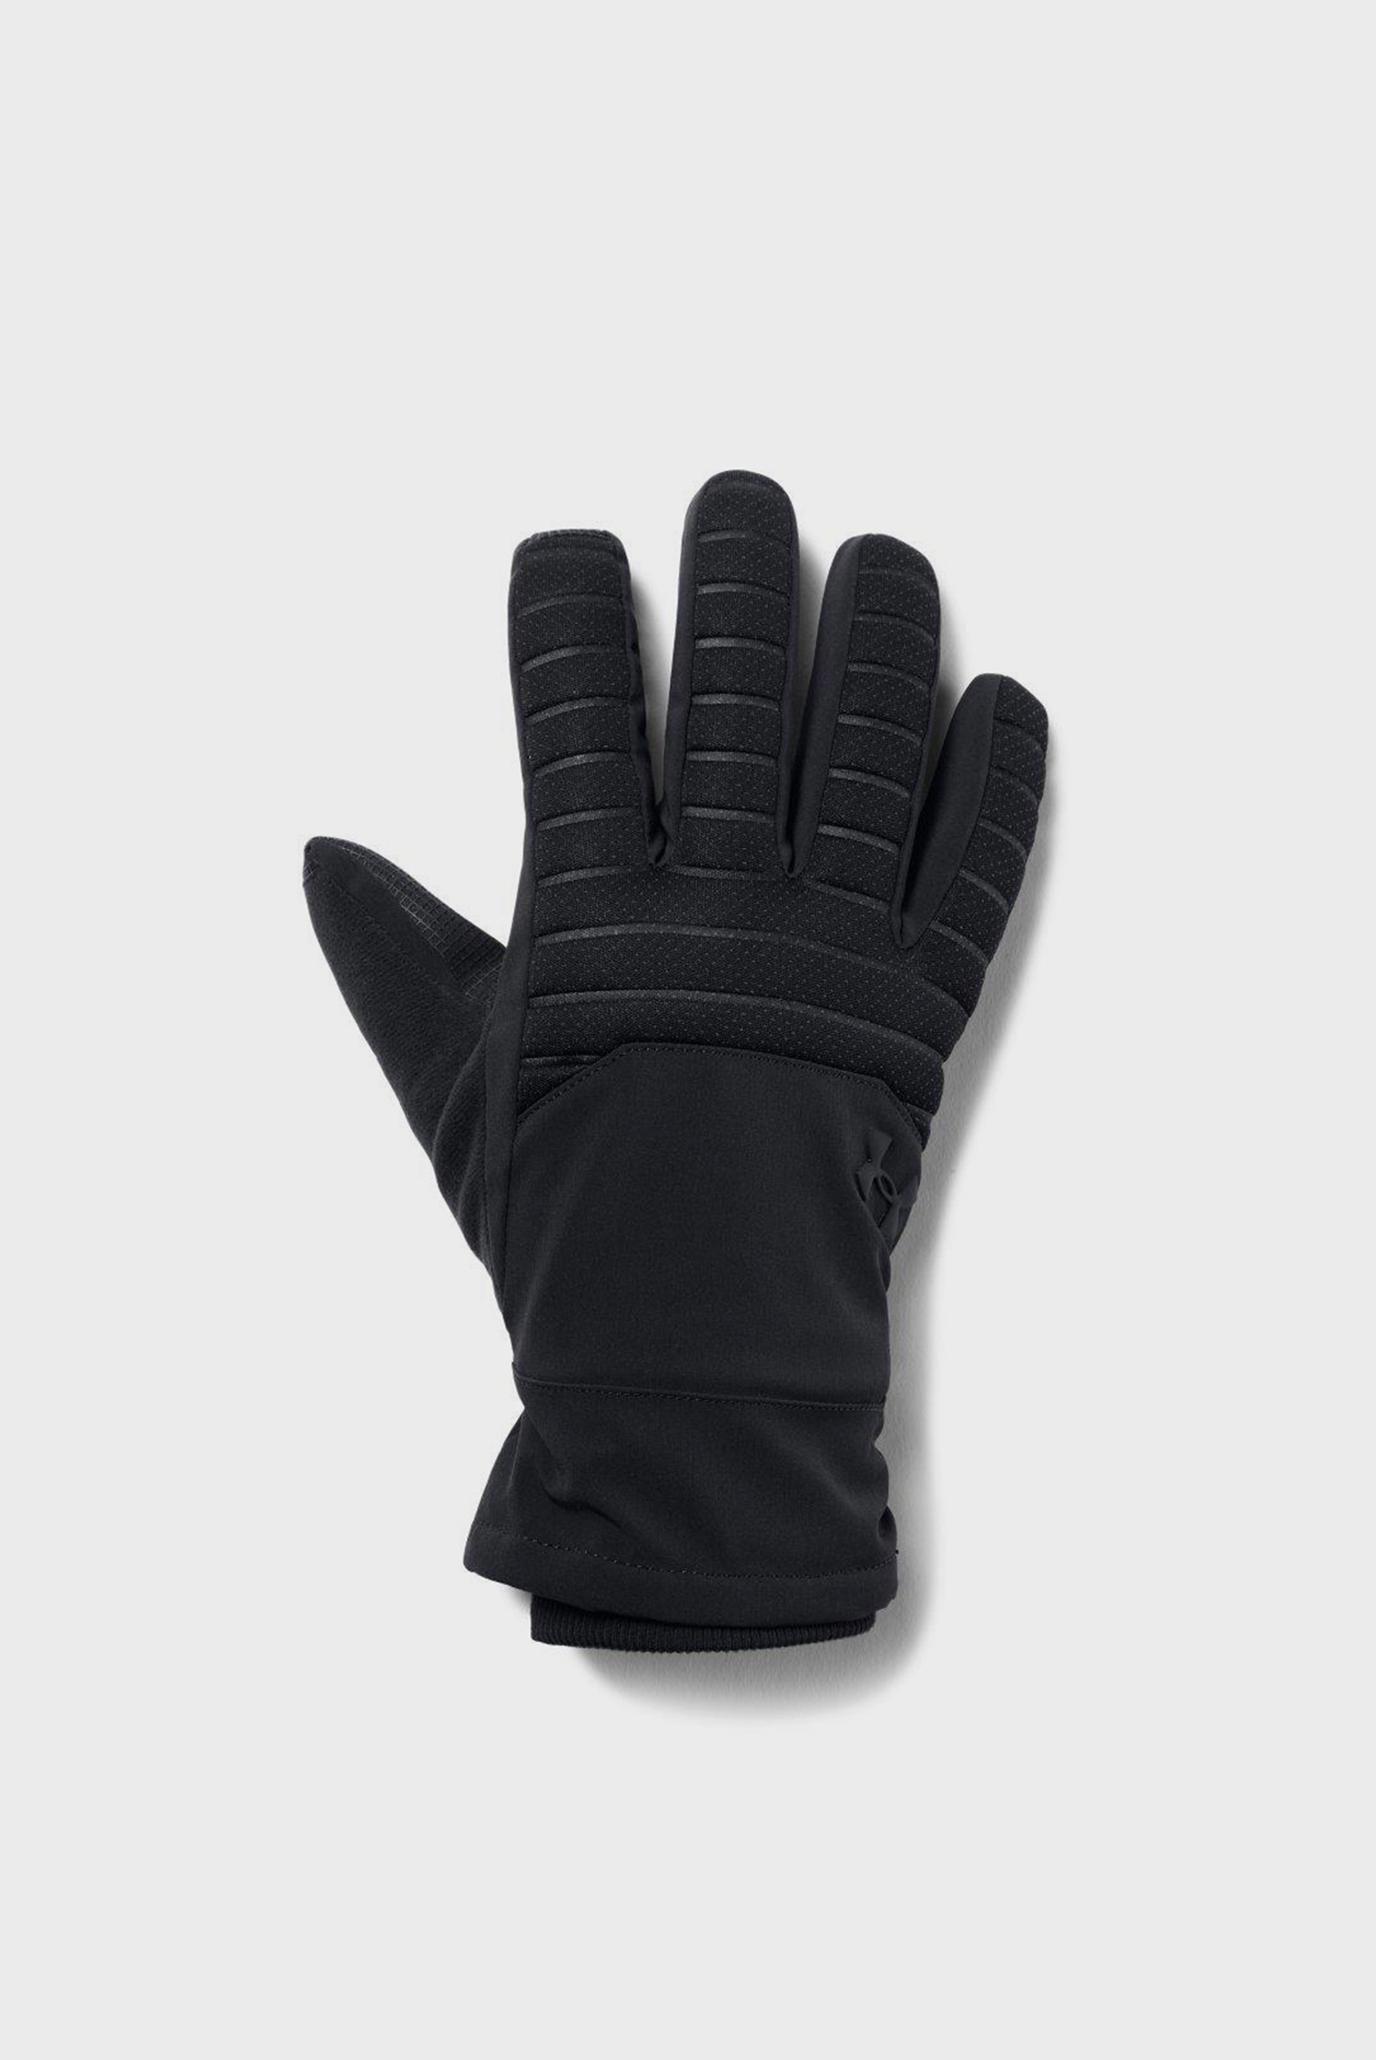 Купить Мужские черные перчатки Men's Versa Glove Under Armour Under Armour 1321241-001 – Киев, Украина. Цены в интернет магазине MD Fashion